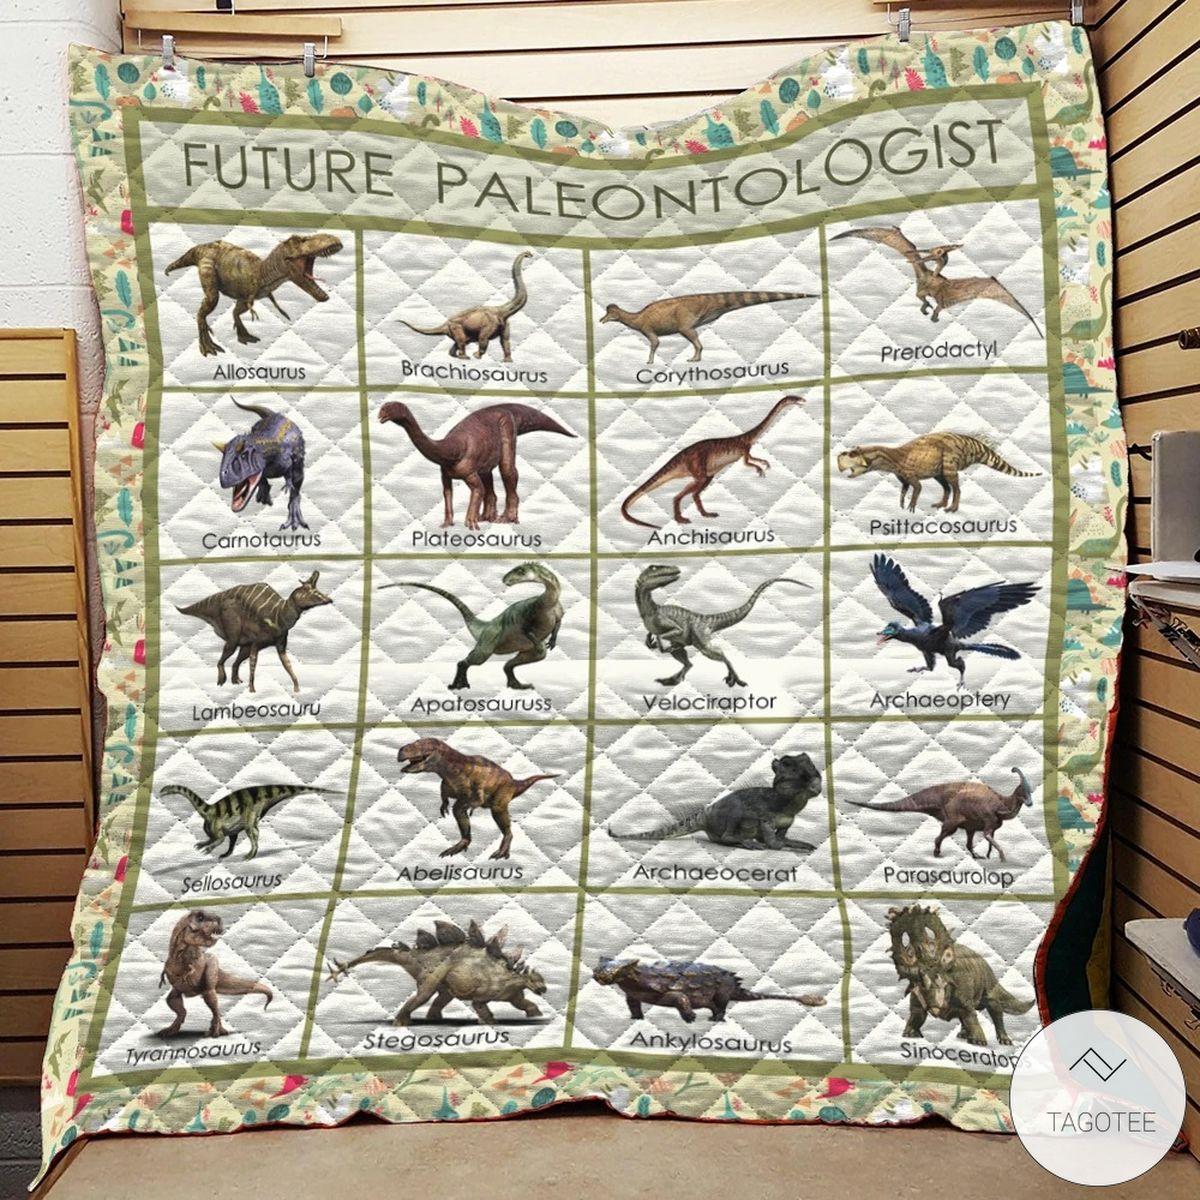 Future Paleontologist Dinosaurs Quilt